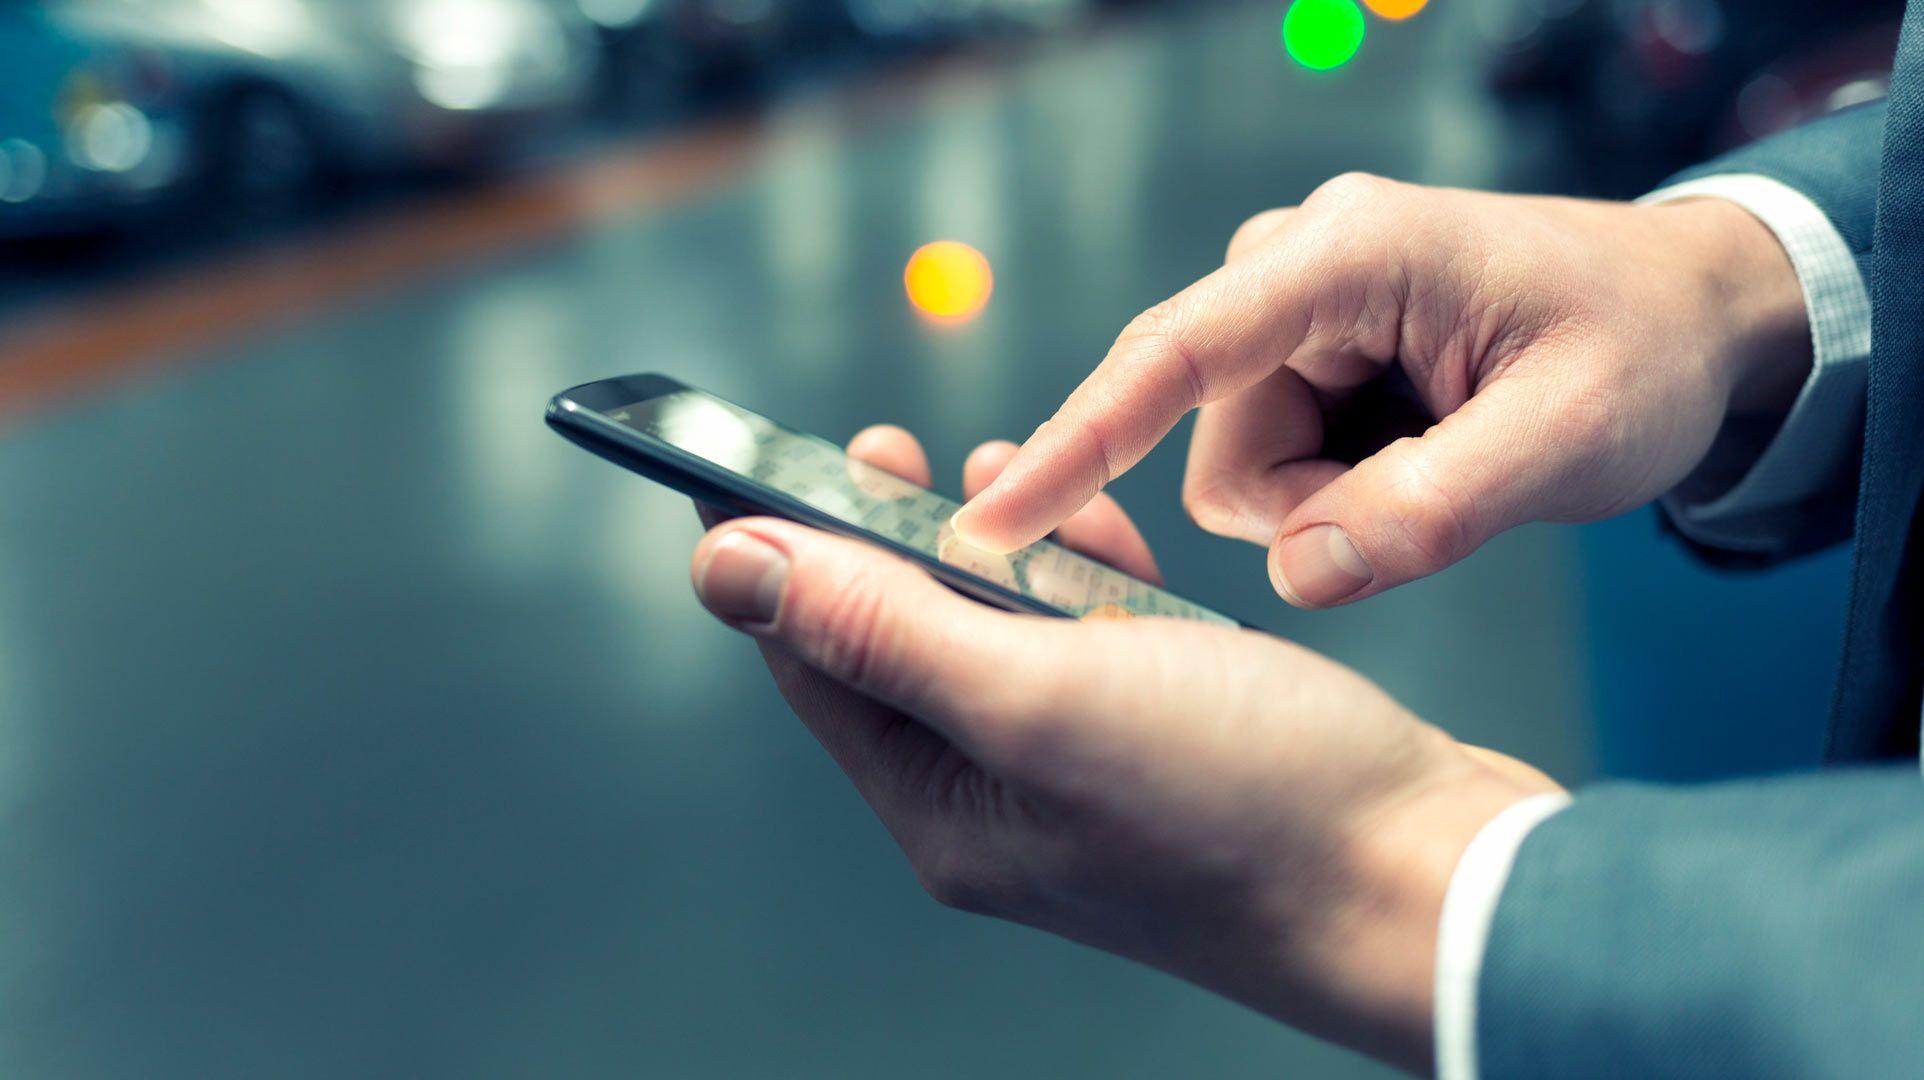 Una aplicación en el celular ayuda a encontrar respuestas sobre alguna enfermedad